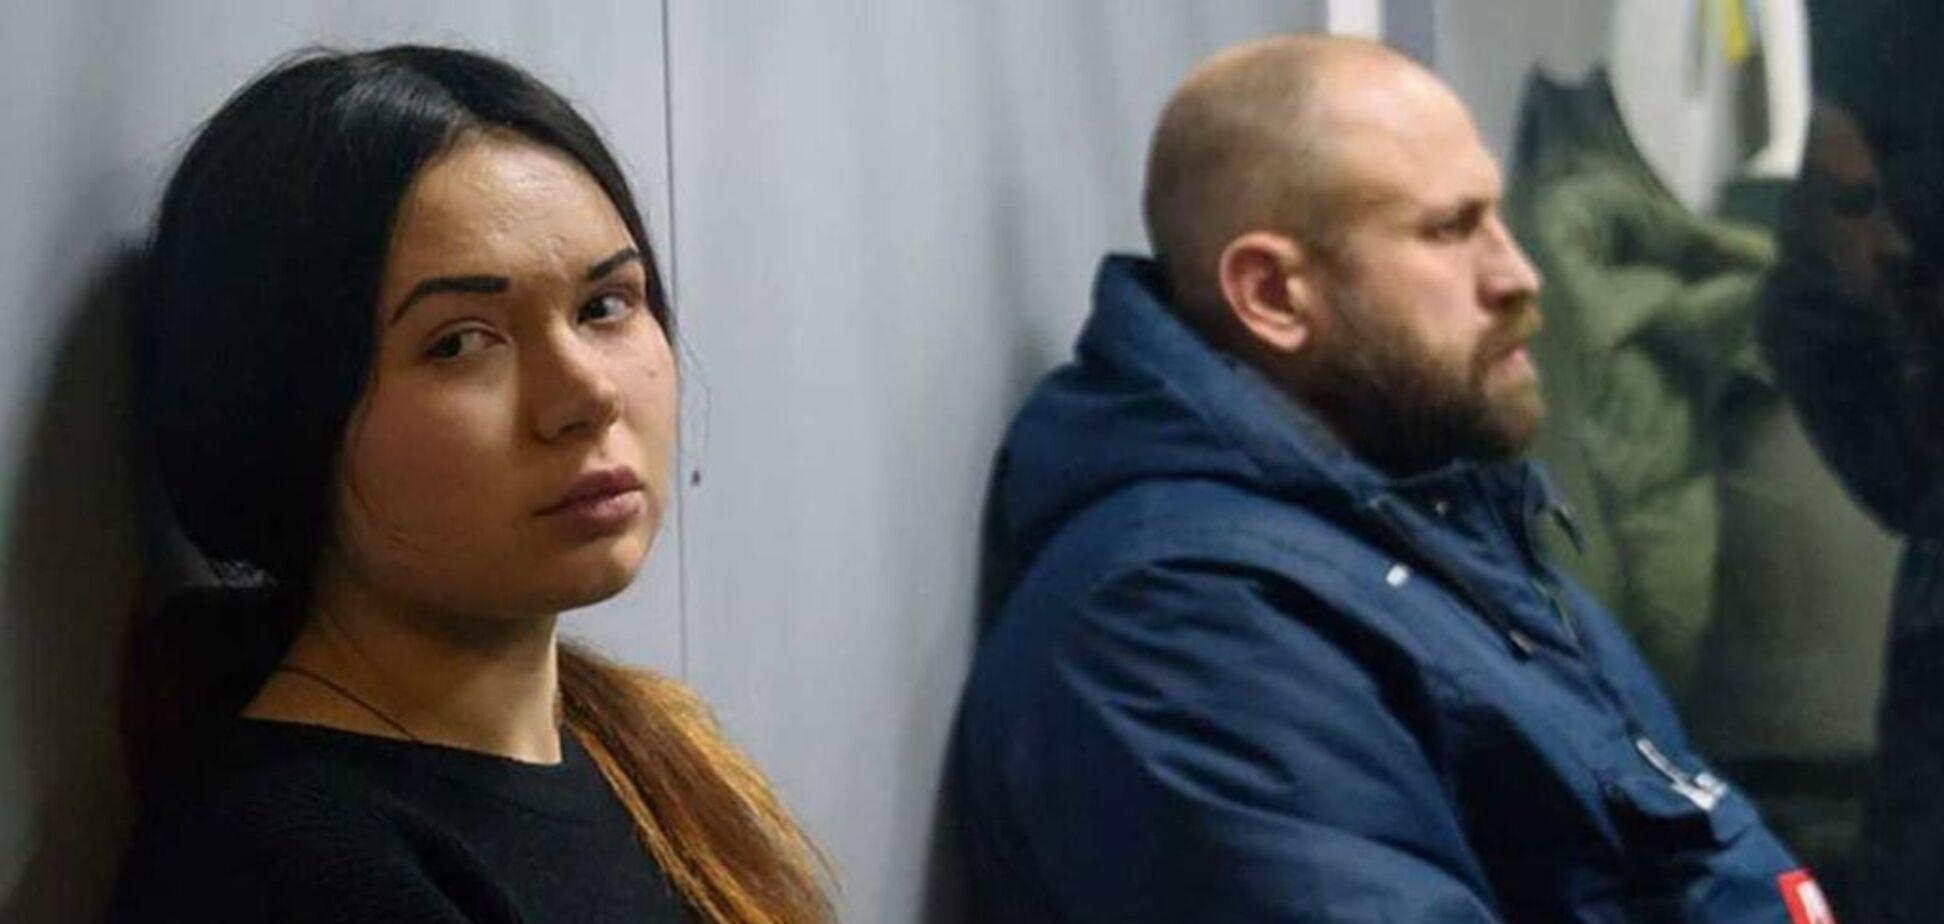 ДТП с Зайцевой: защита Дронова получила весомую победу